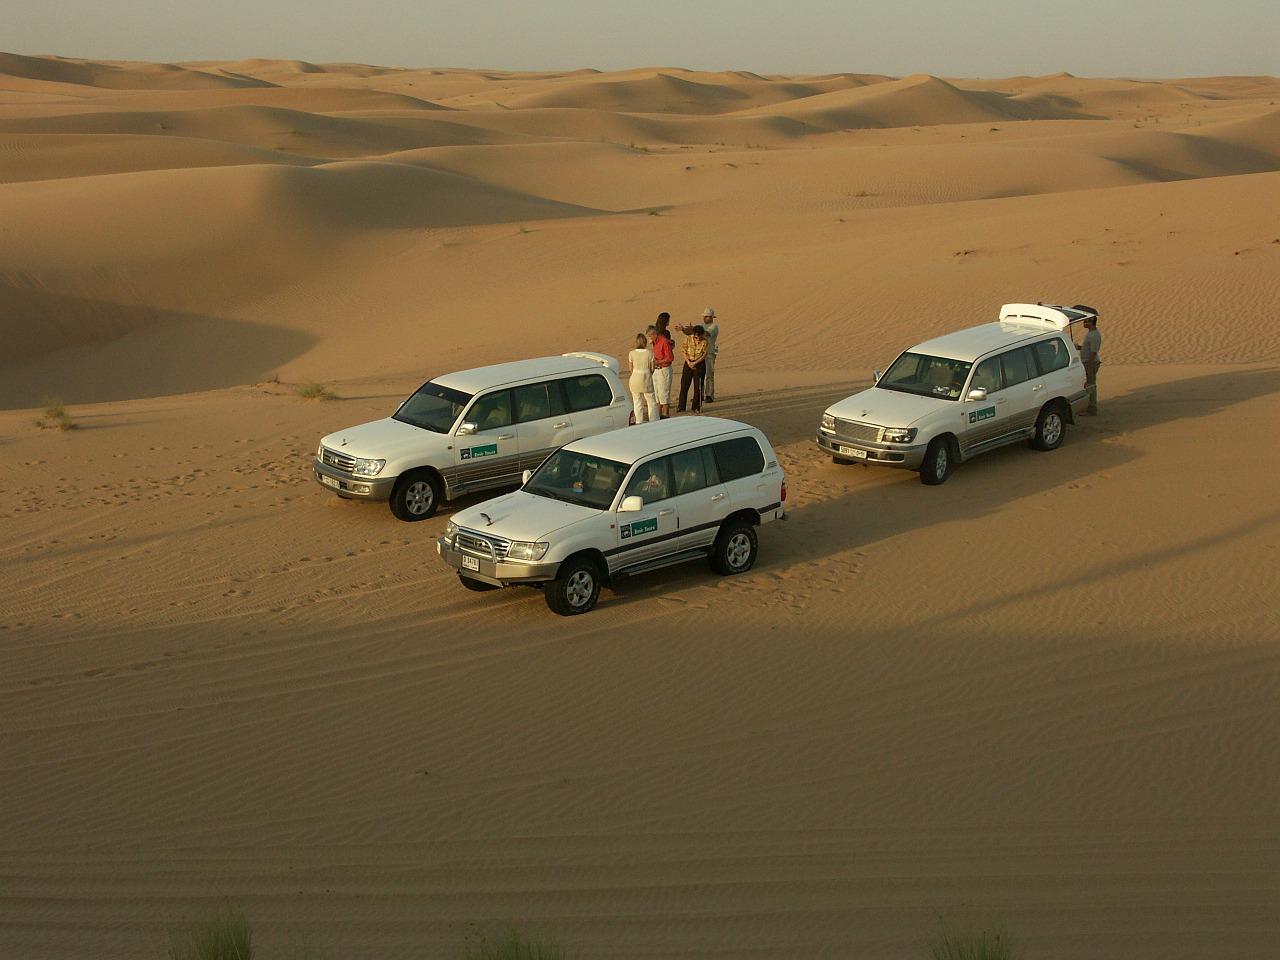 Safari aux Emirats Arabes Unis